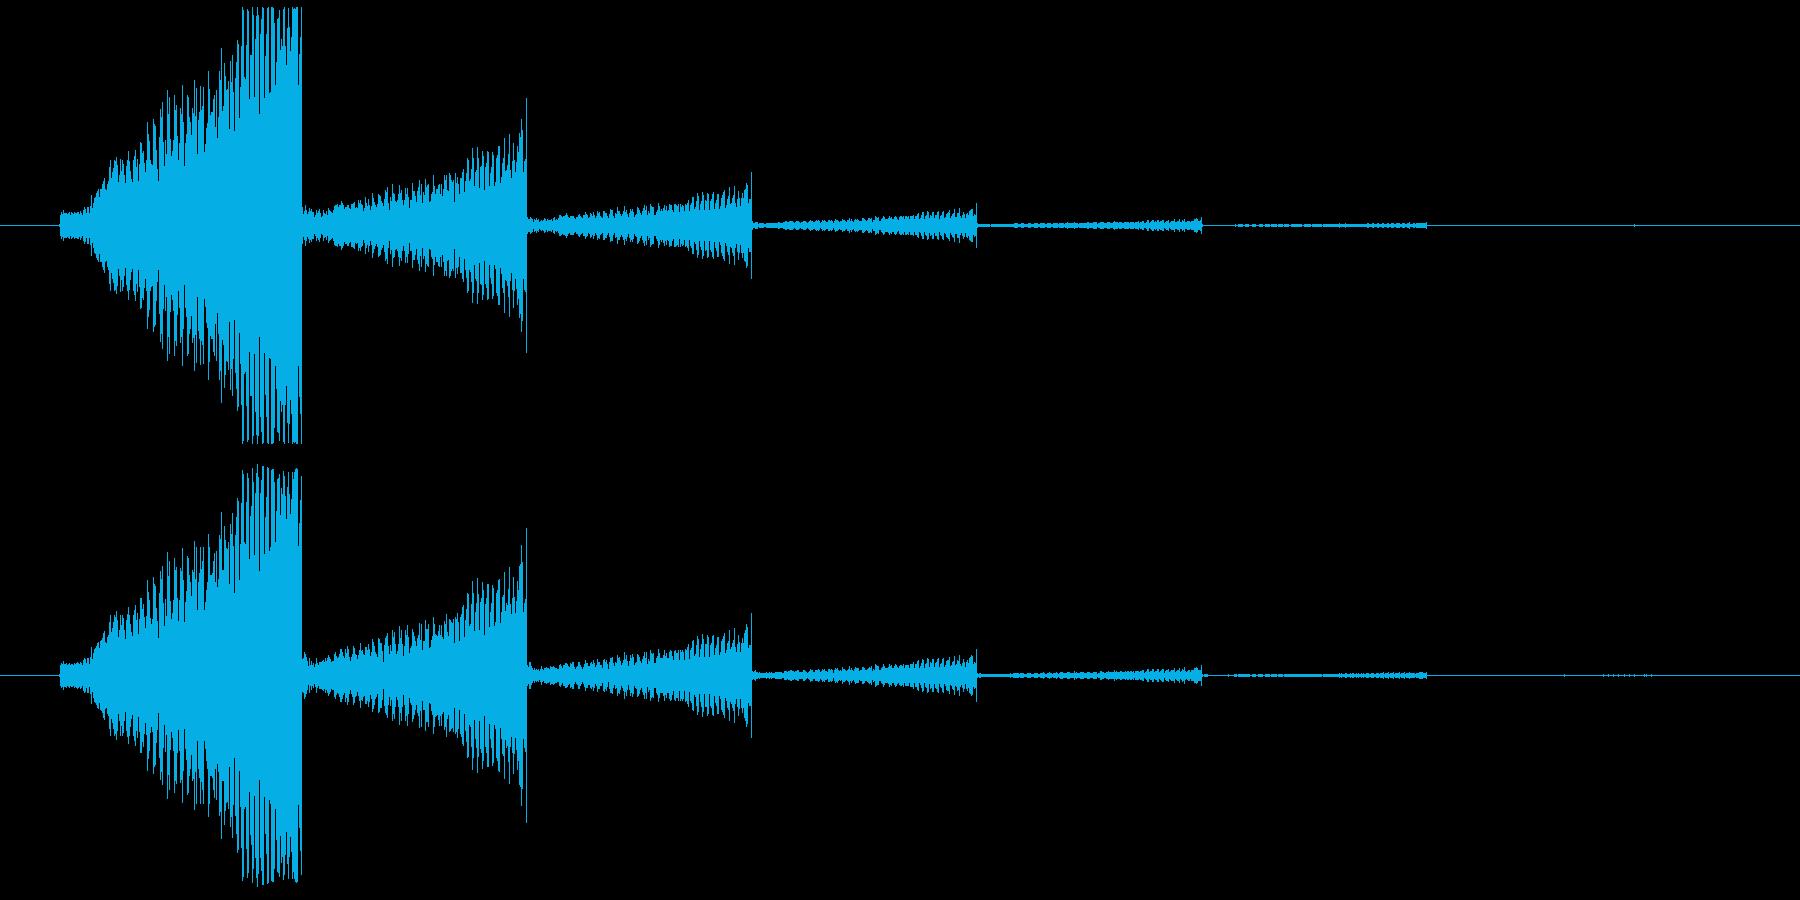 エレキギター音(失敗・回想)の再生済みの波形